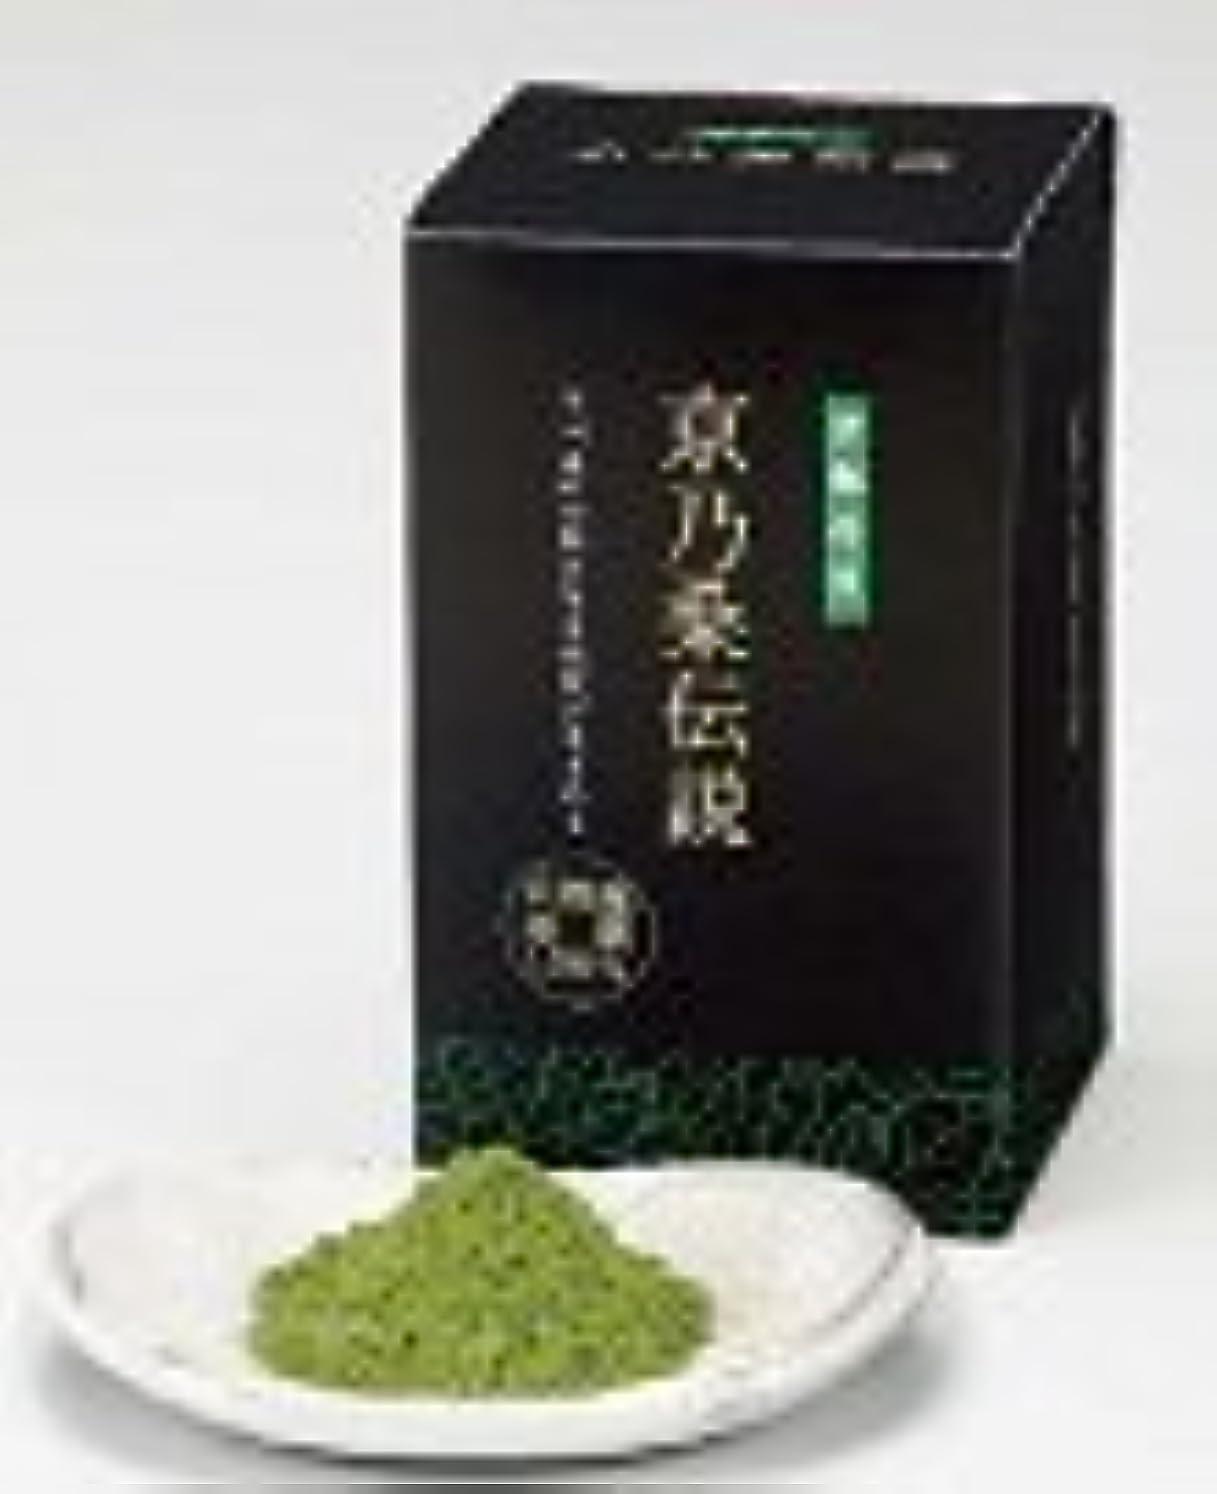 メモと著者京乃桑伝説(桑の葉粉茶、青汁)30袋入り 3箱まとめ買い